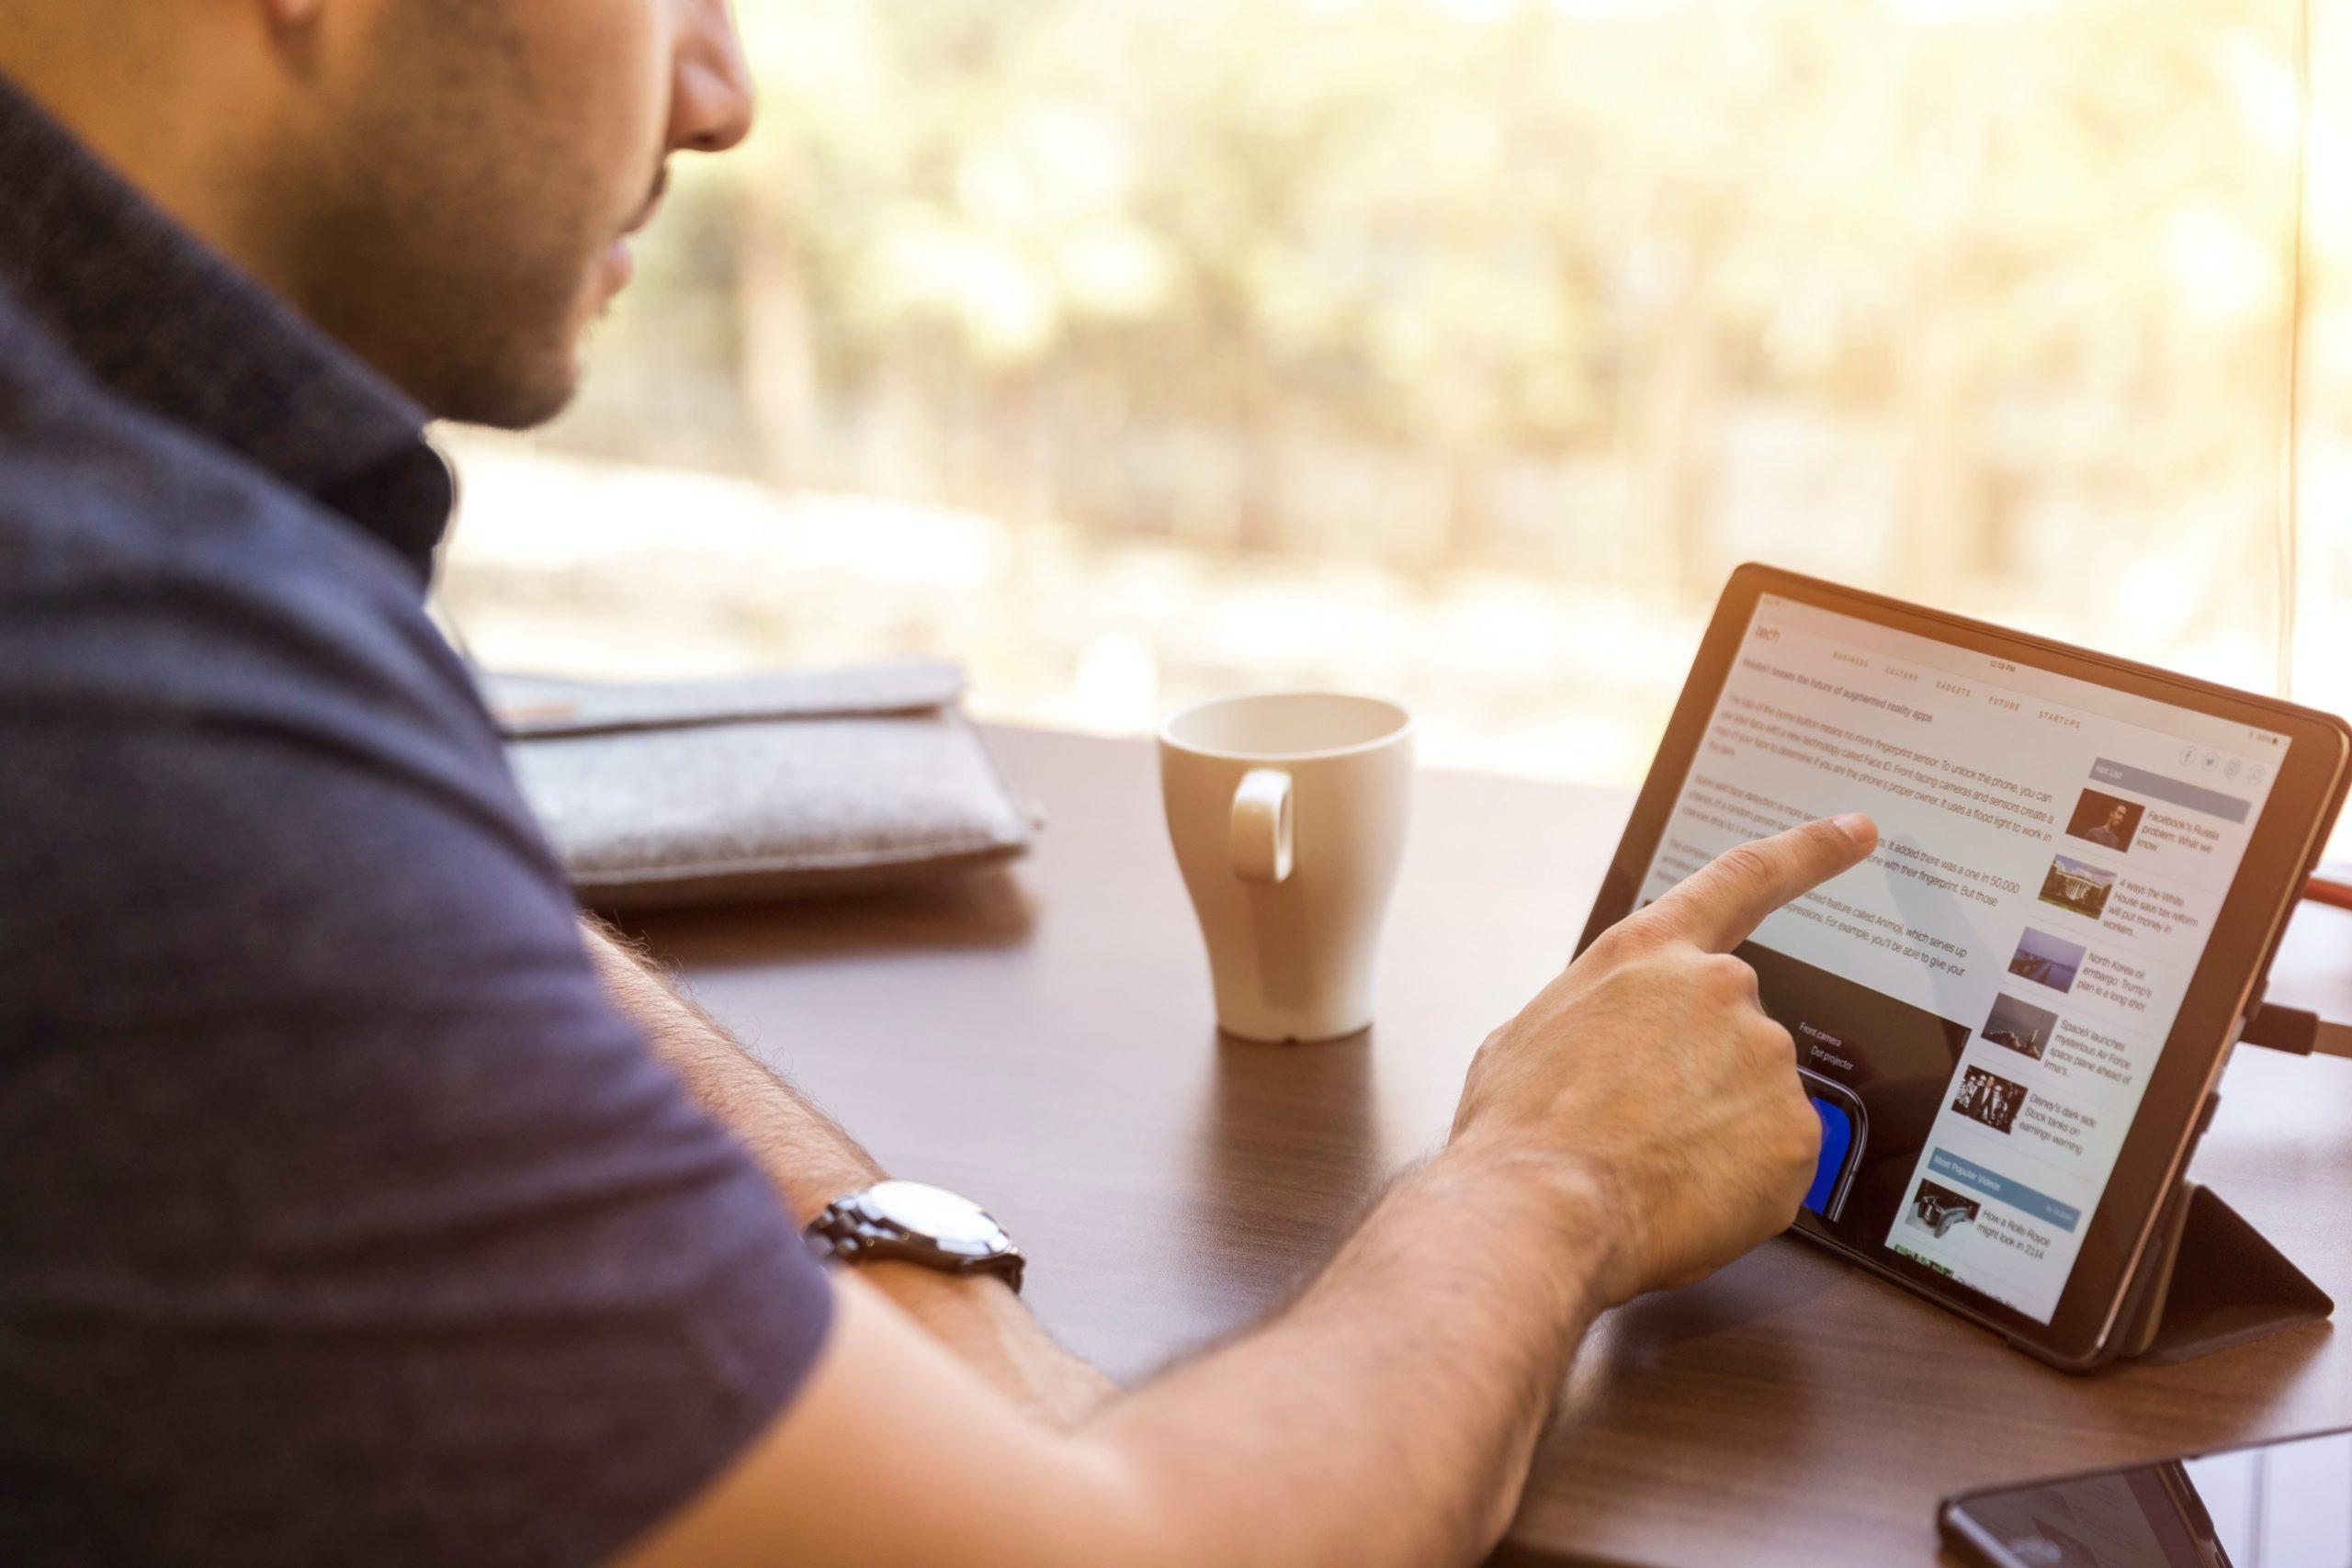 Comment utiliser LinkedIn en 2020 - Webylo